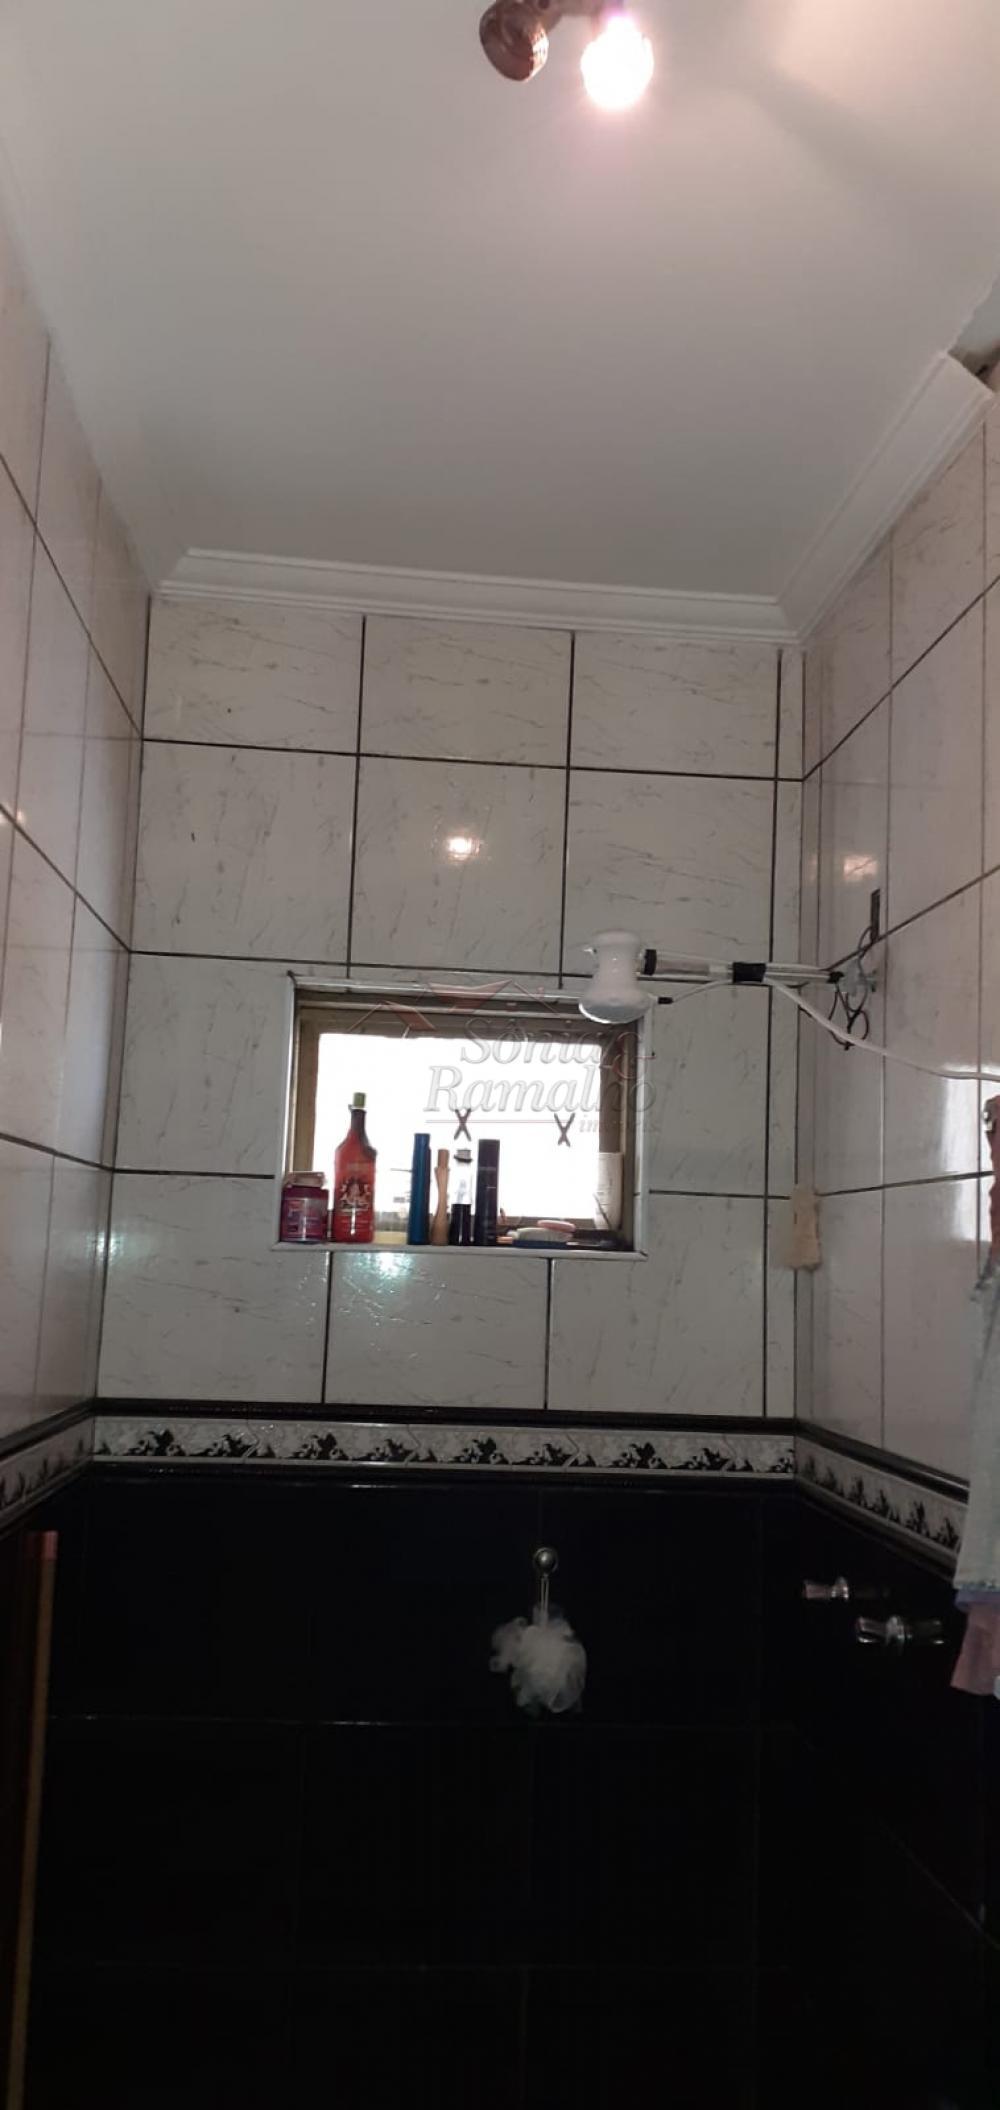 Comprar Casas / Padrão em Ribeirão Preto apenas R$ 200.000,00 - Foto 12